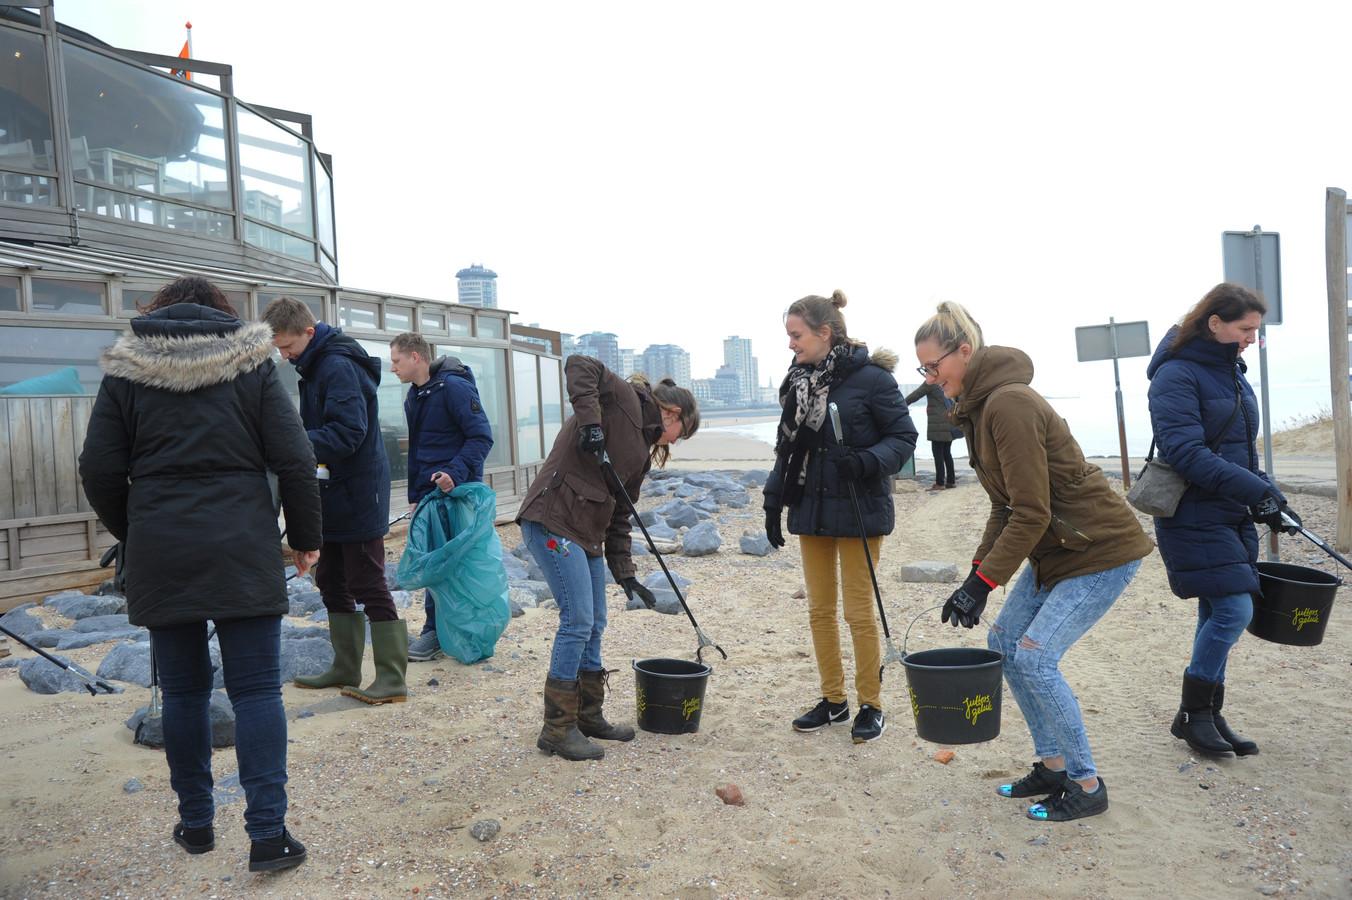 De medewerkers van Duinzicht Bijzonder gewoon hadden hun 'schoonmaakgereedschap' nog niet in handen of ze stortten zich al op het strandafval.-